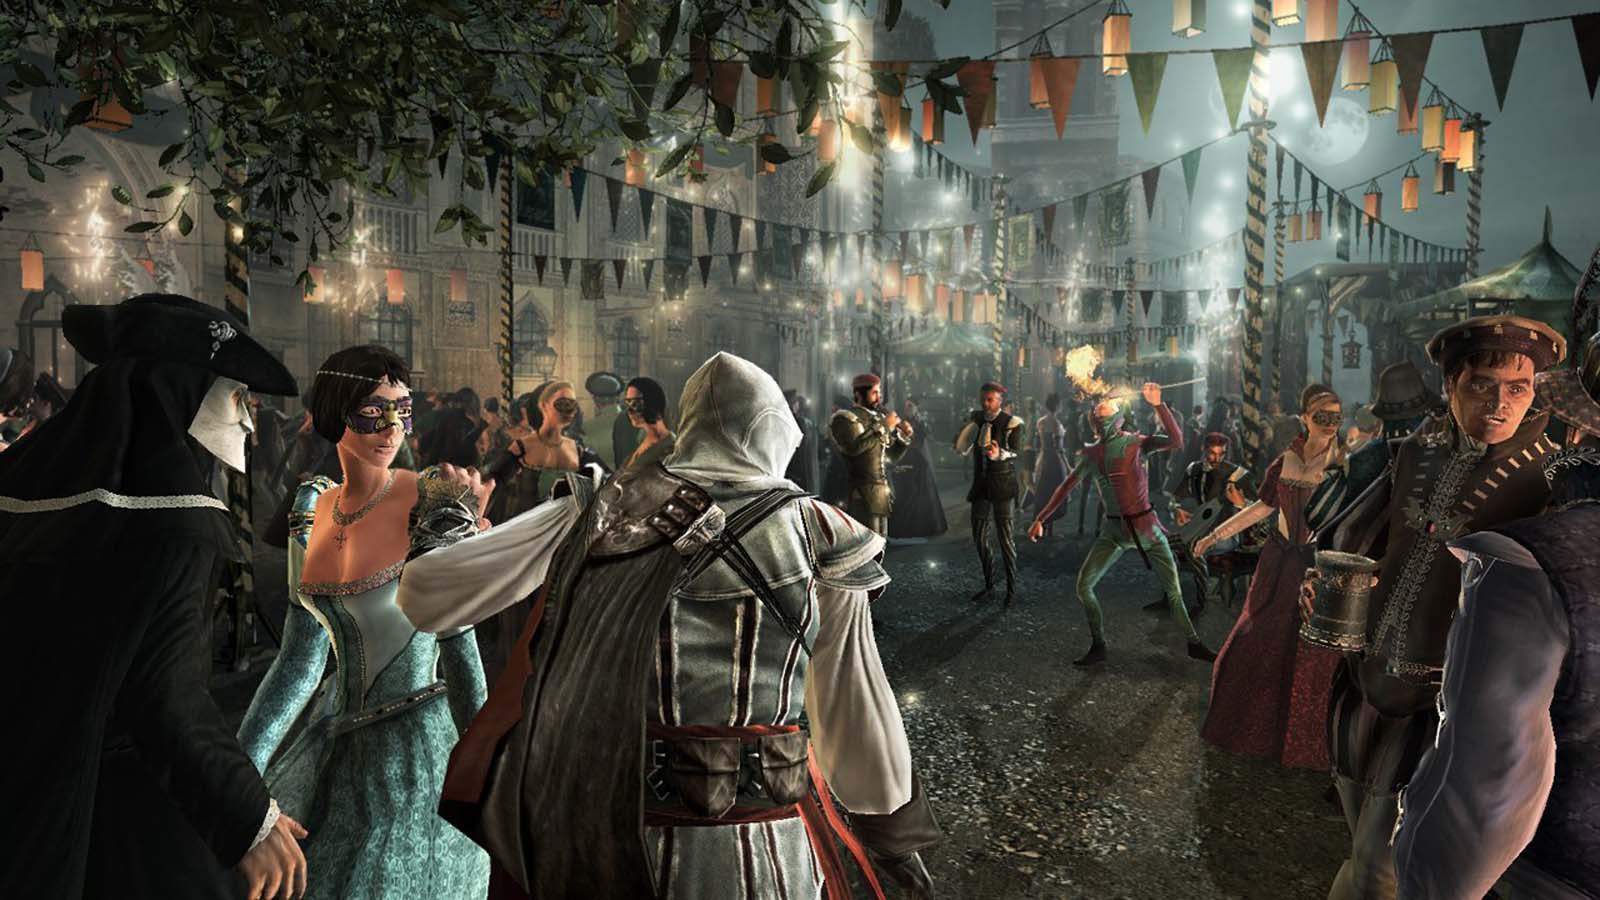 تحميل لعبة Assassin's Creed 2 مضغوطة كاملة بروابط مباشرة مجانا